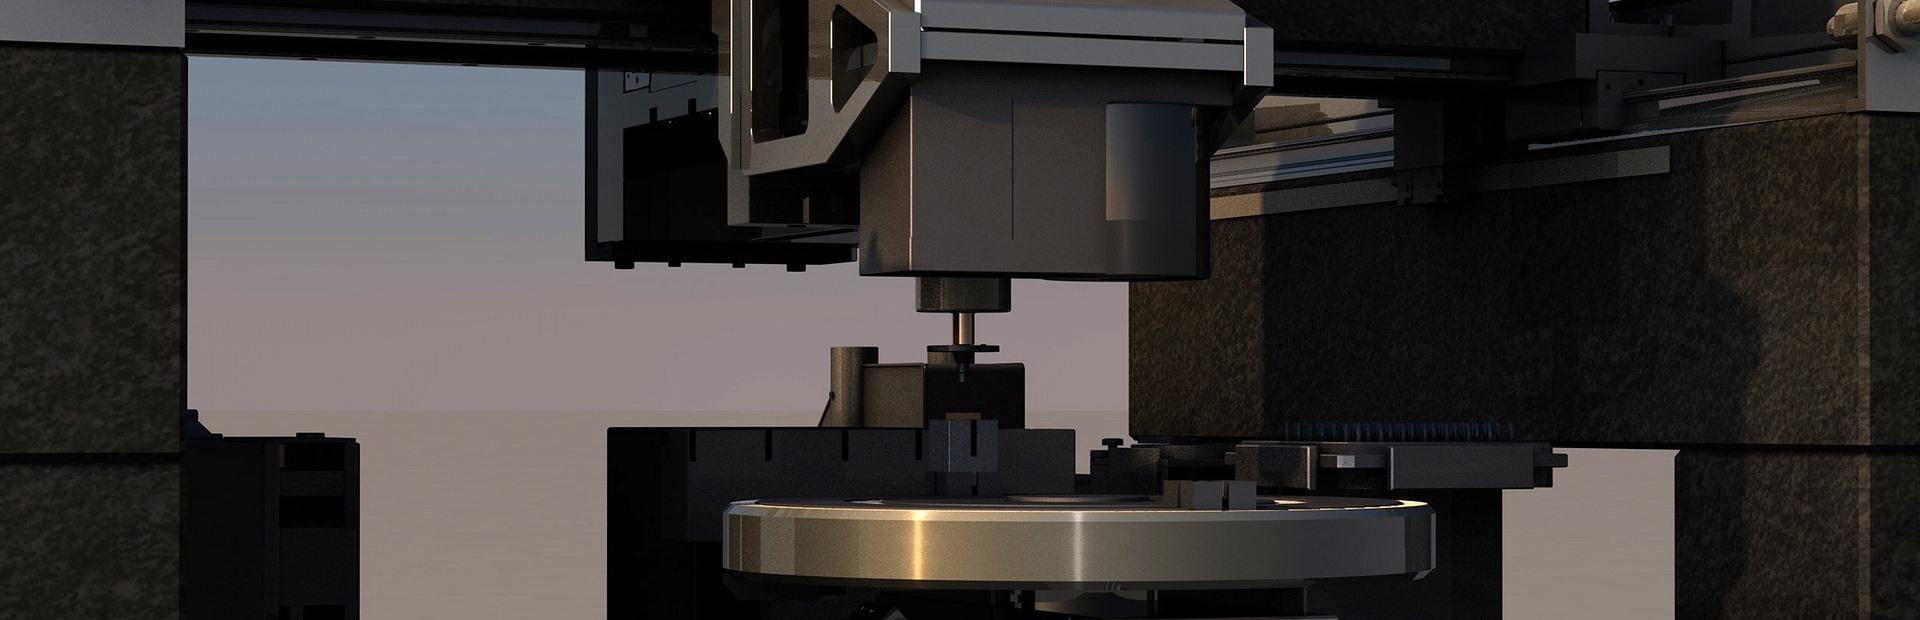 Meccanica Cioffi - Lavorazioni Meccaniche